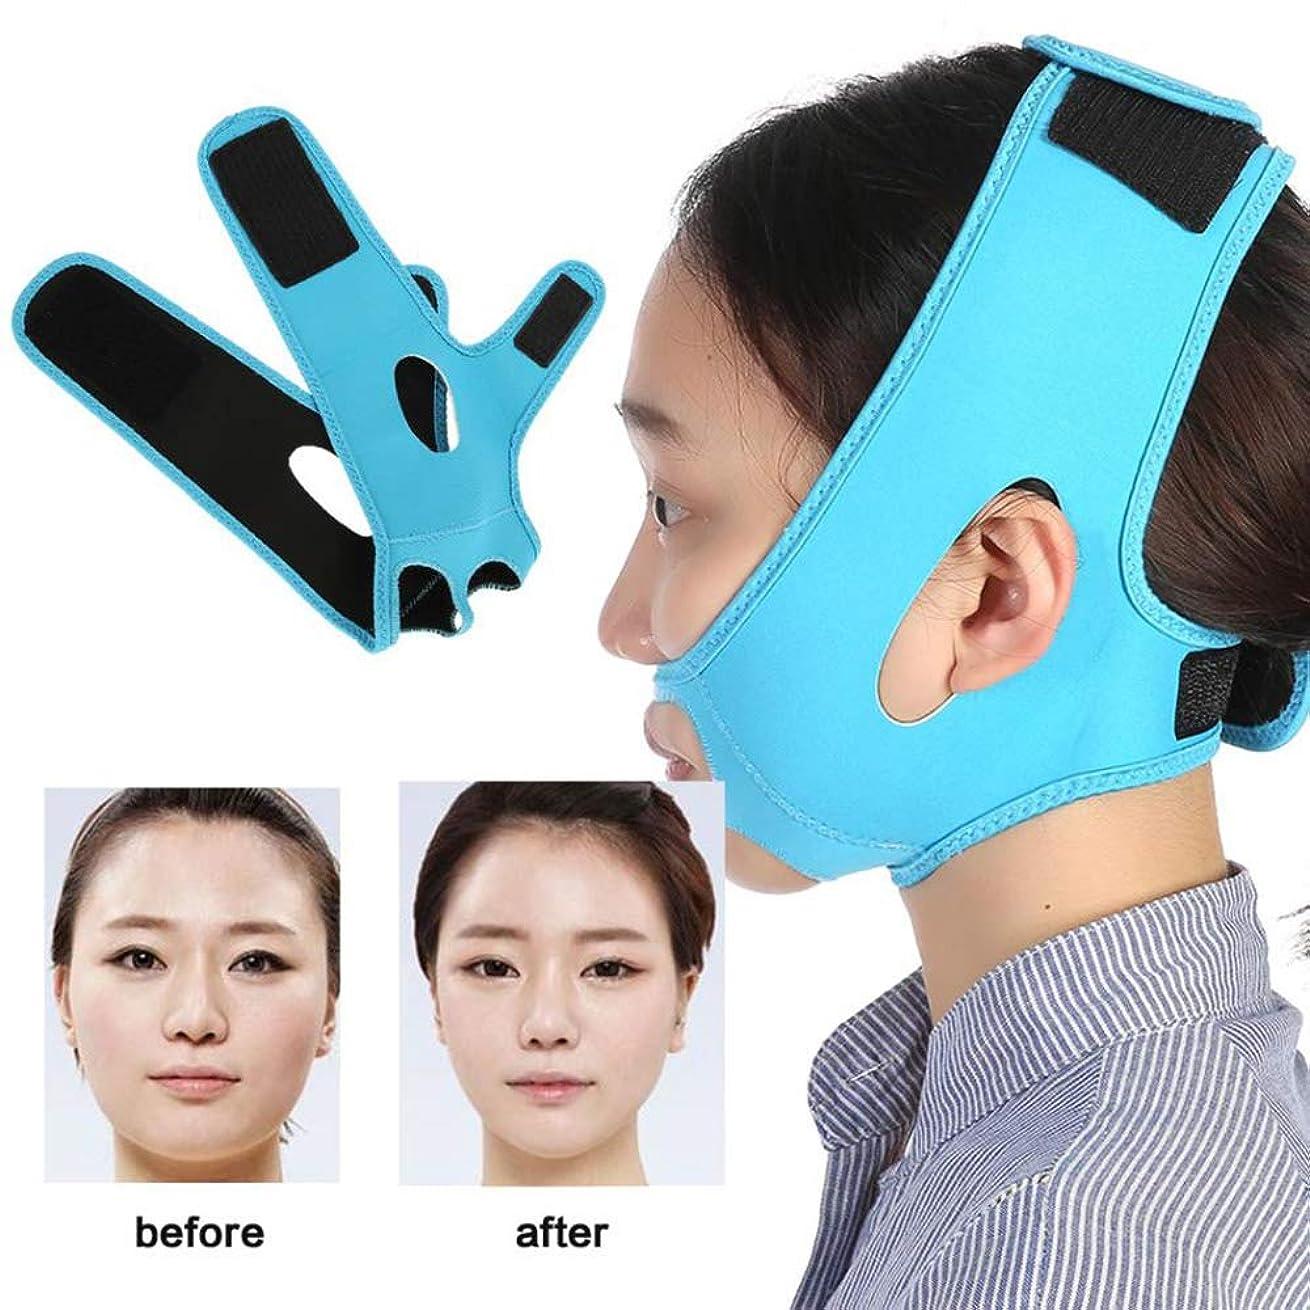 推進力半円思い出包帯のスキンケアのベルトの形および上昇を細くする顔の薄いフェイスマスクは二重あごのフェイスマスクの顔のThiningバンドを減らします